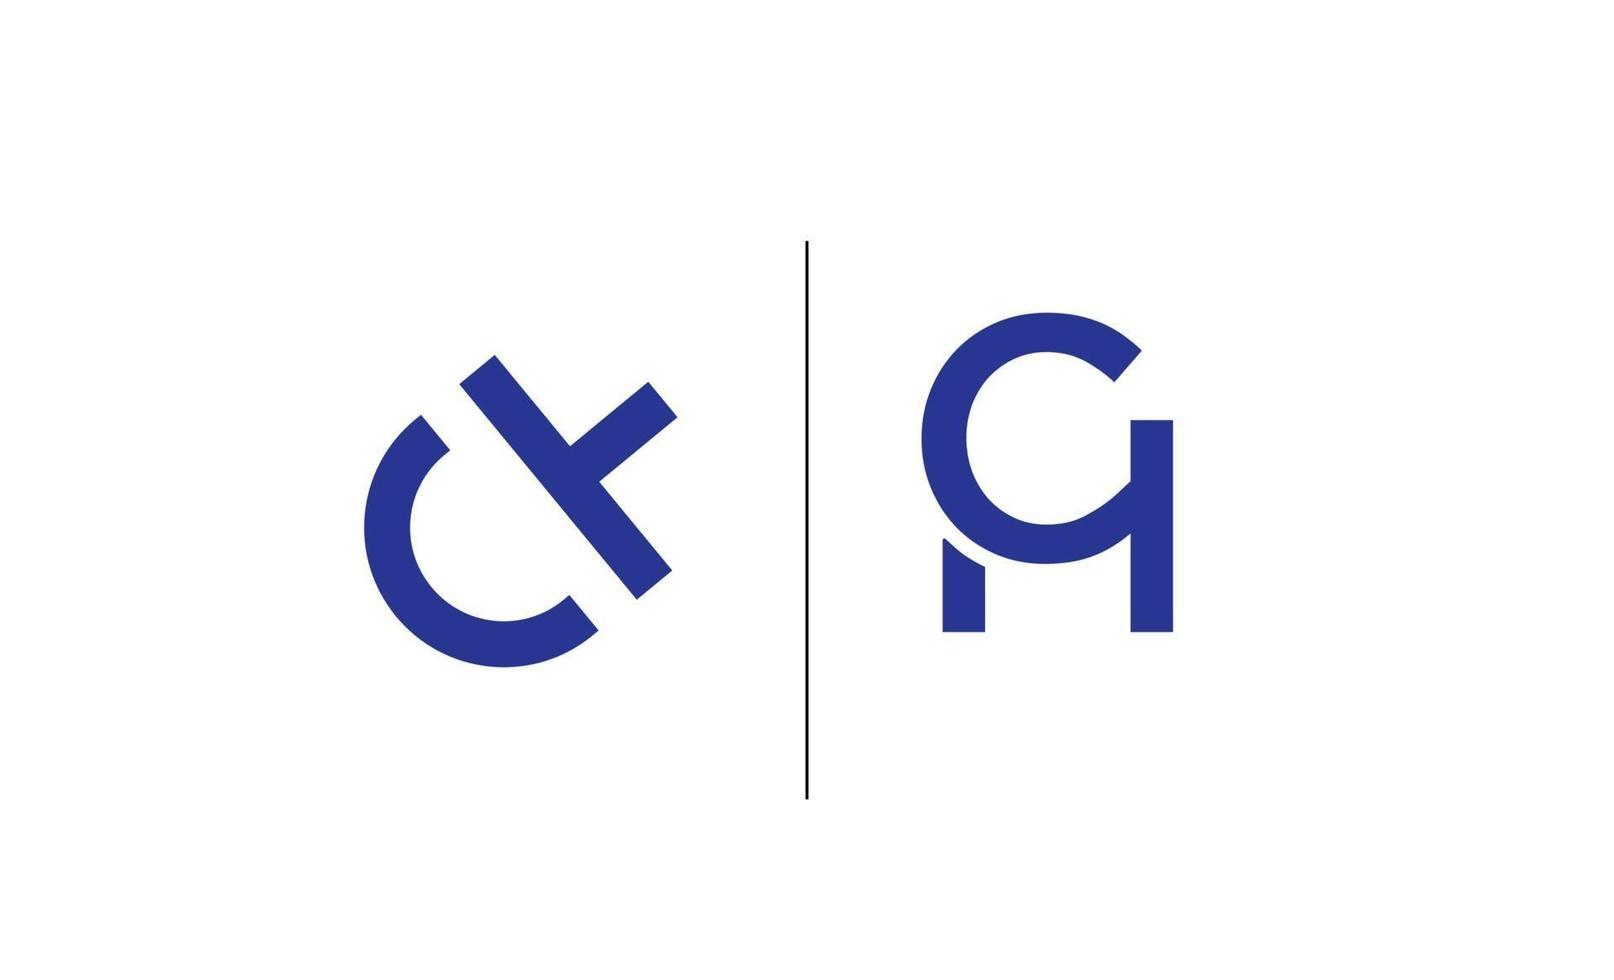 första ch, hc logo design mall vektor